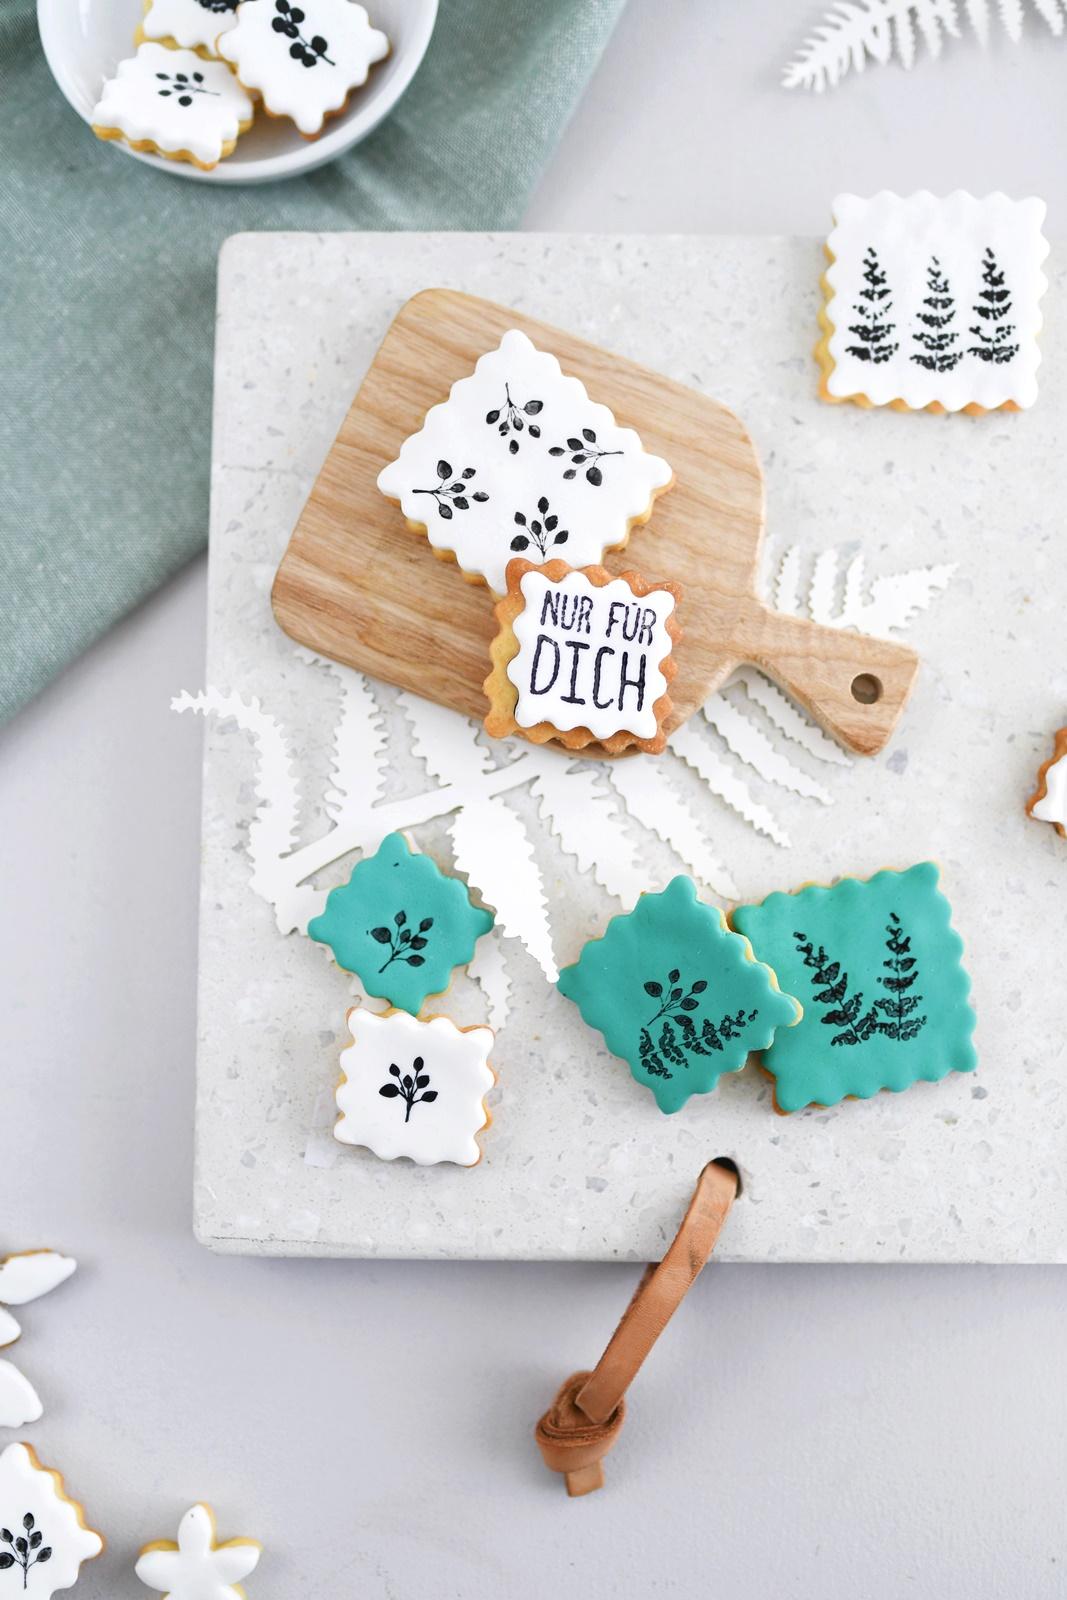 Kekskunst zum Selbermachen: Mit Lebensmittelfarbe auf Fondant stempeln